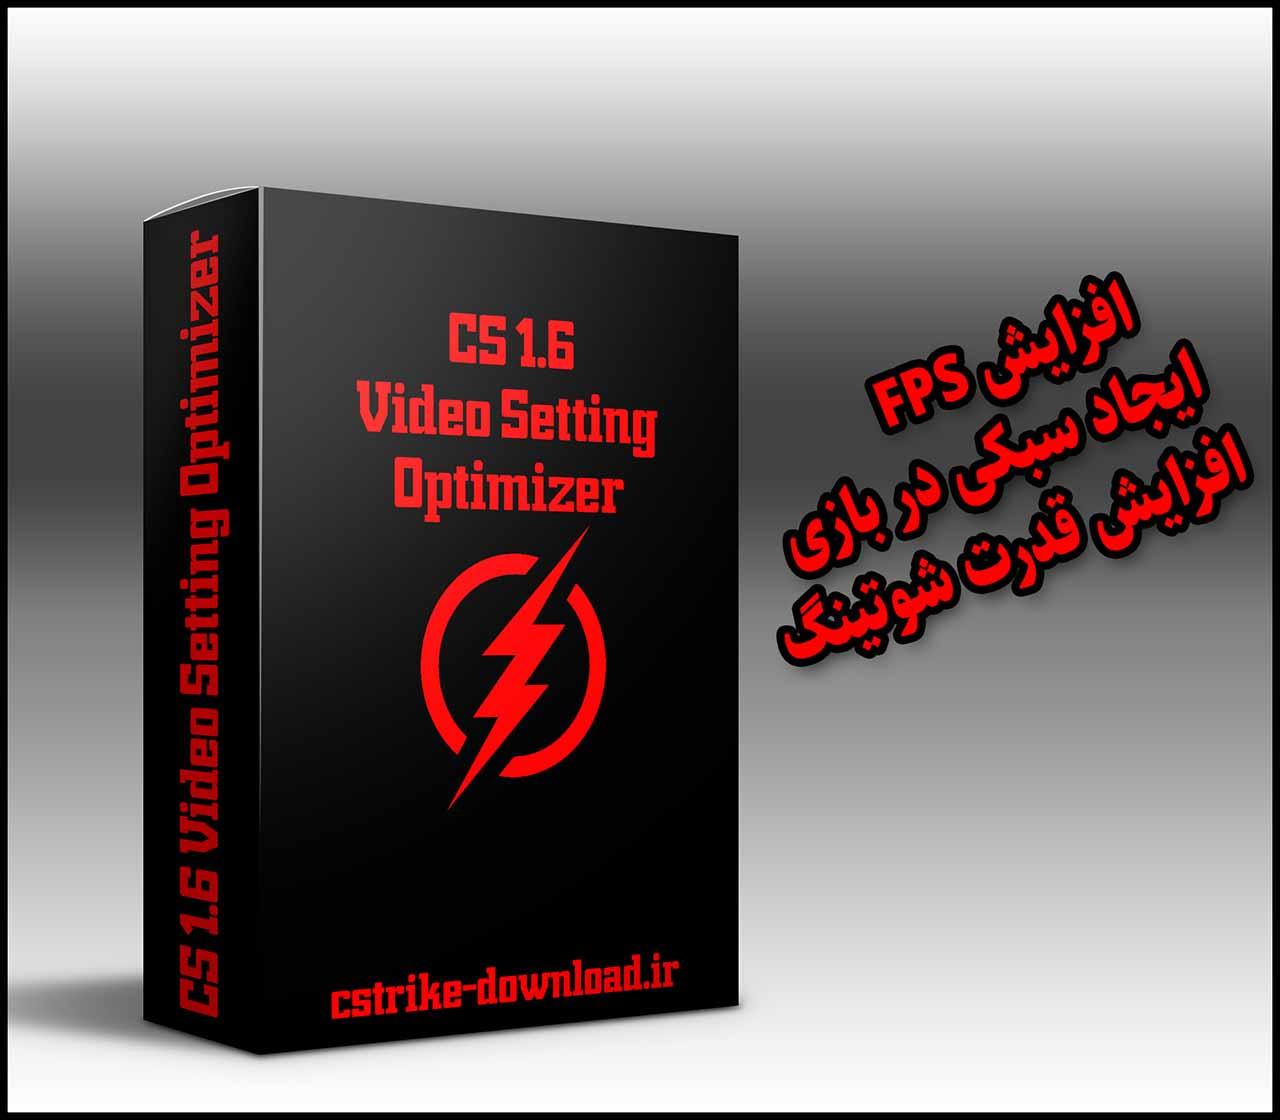 دانلود برنامه  CS 1.6 Video Setting Optimizer - بهینه سازی کانتر 1.6